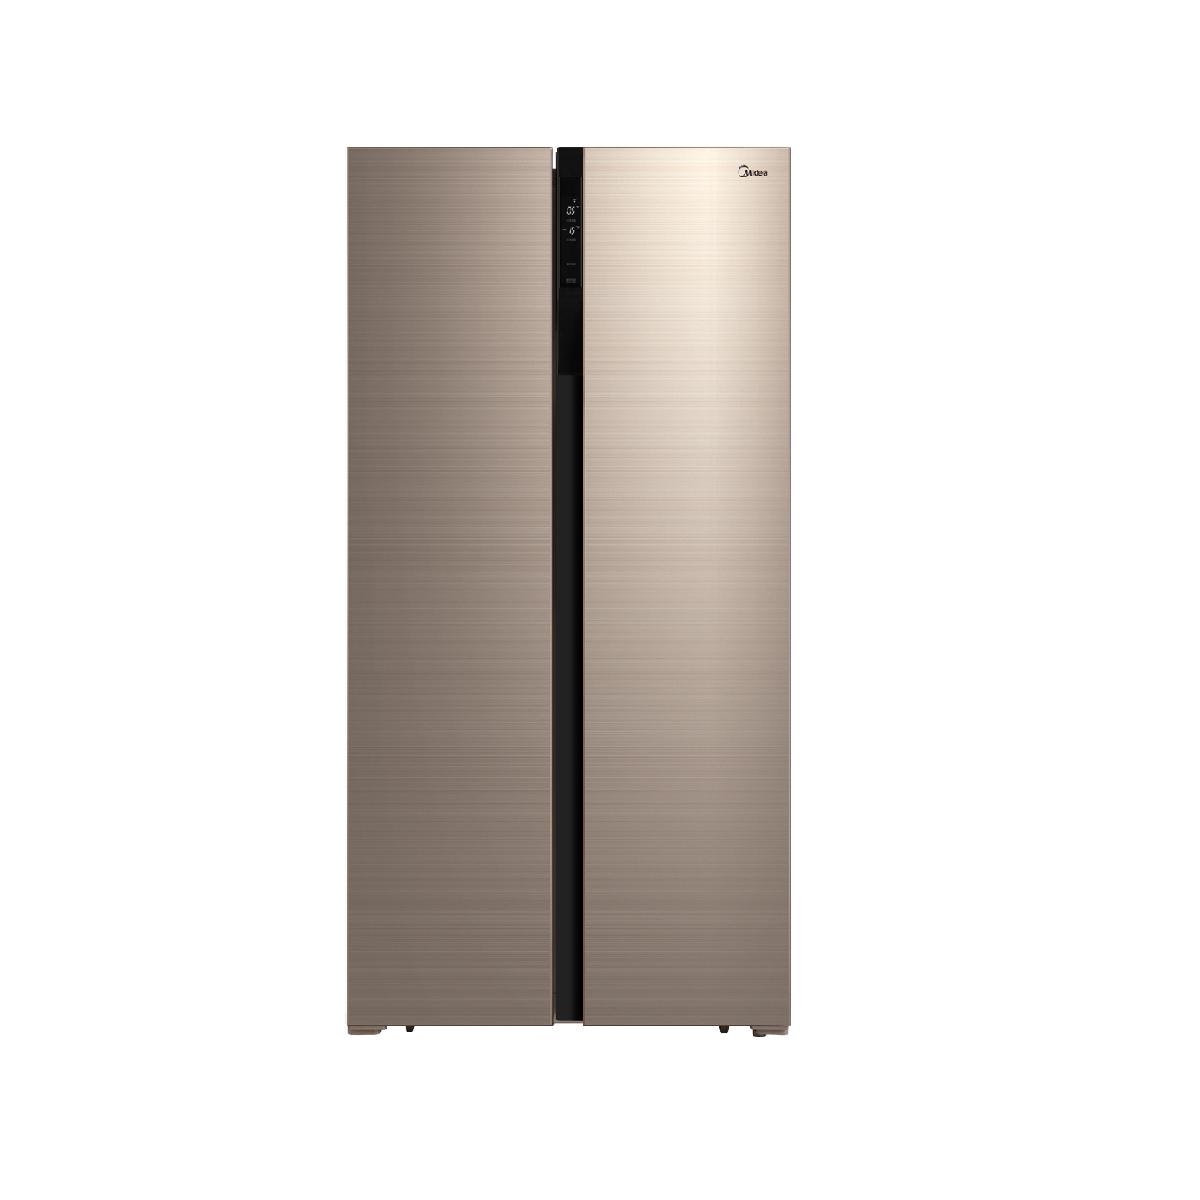 Midea/美的 BCD-516WKPZMA(E)冰箱 说明书.pdf